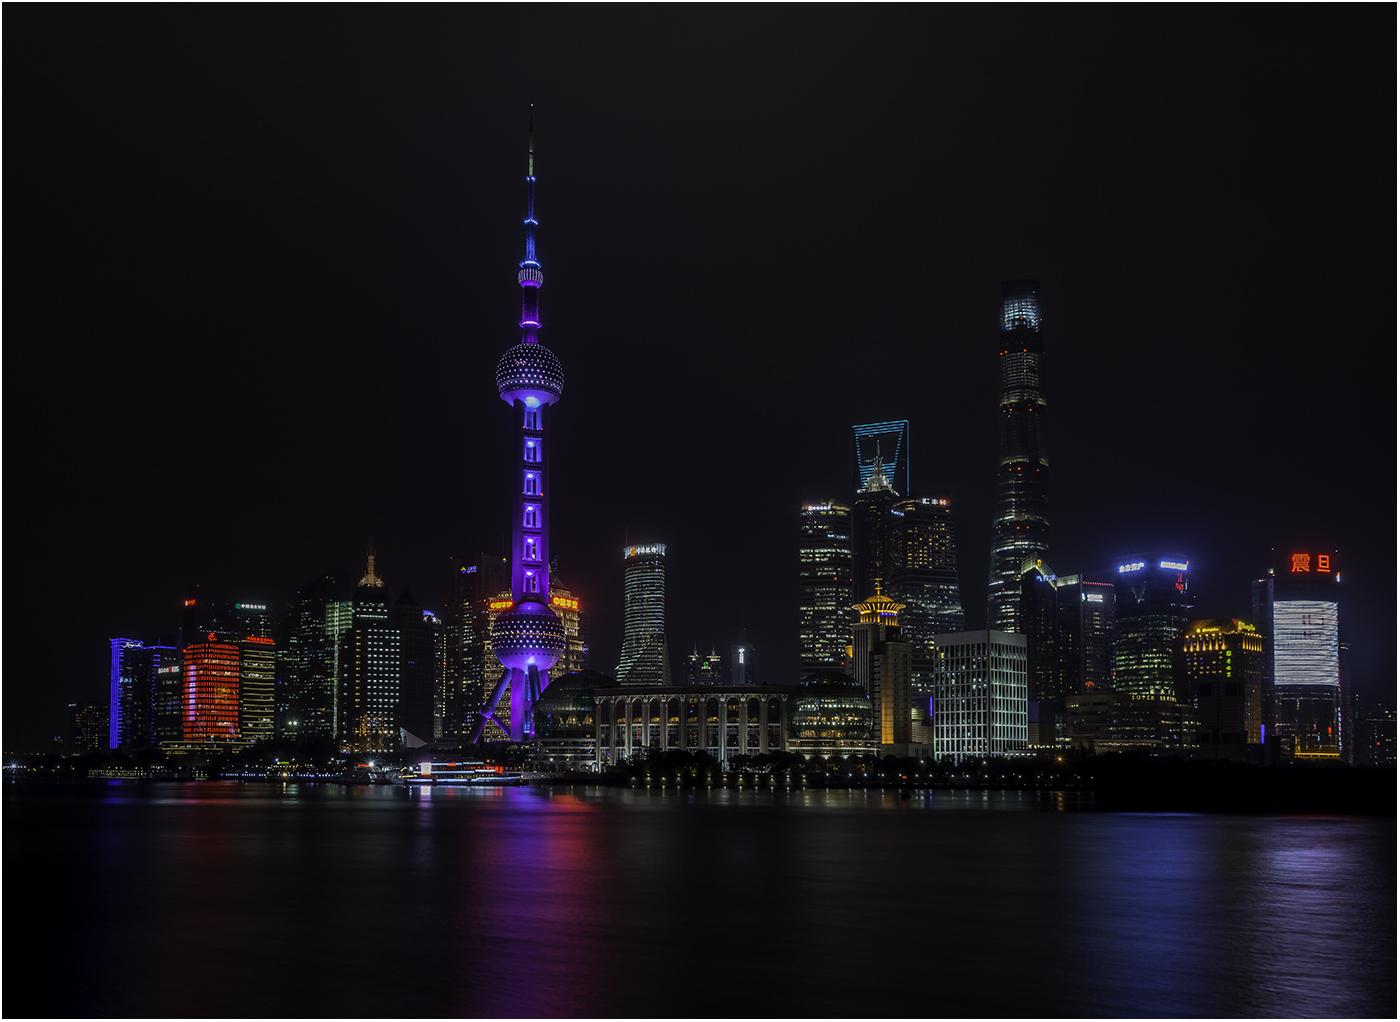 Ночная набережная Шанхая с видом на Oriental pearl tower и небоскребы: Шанхайский всемирный торговый центр, Цзинь Мао, Шанхайская башня